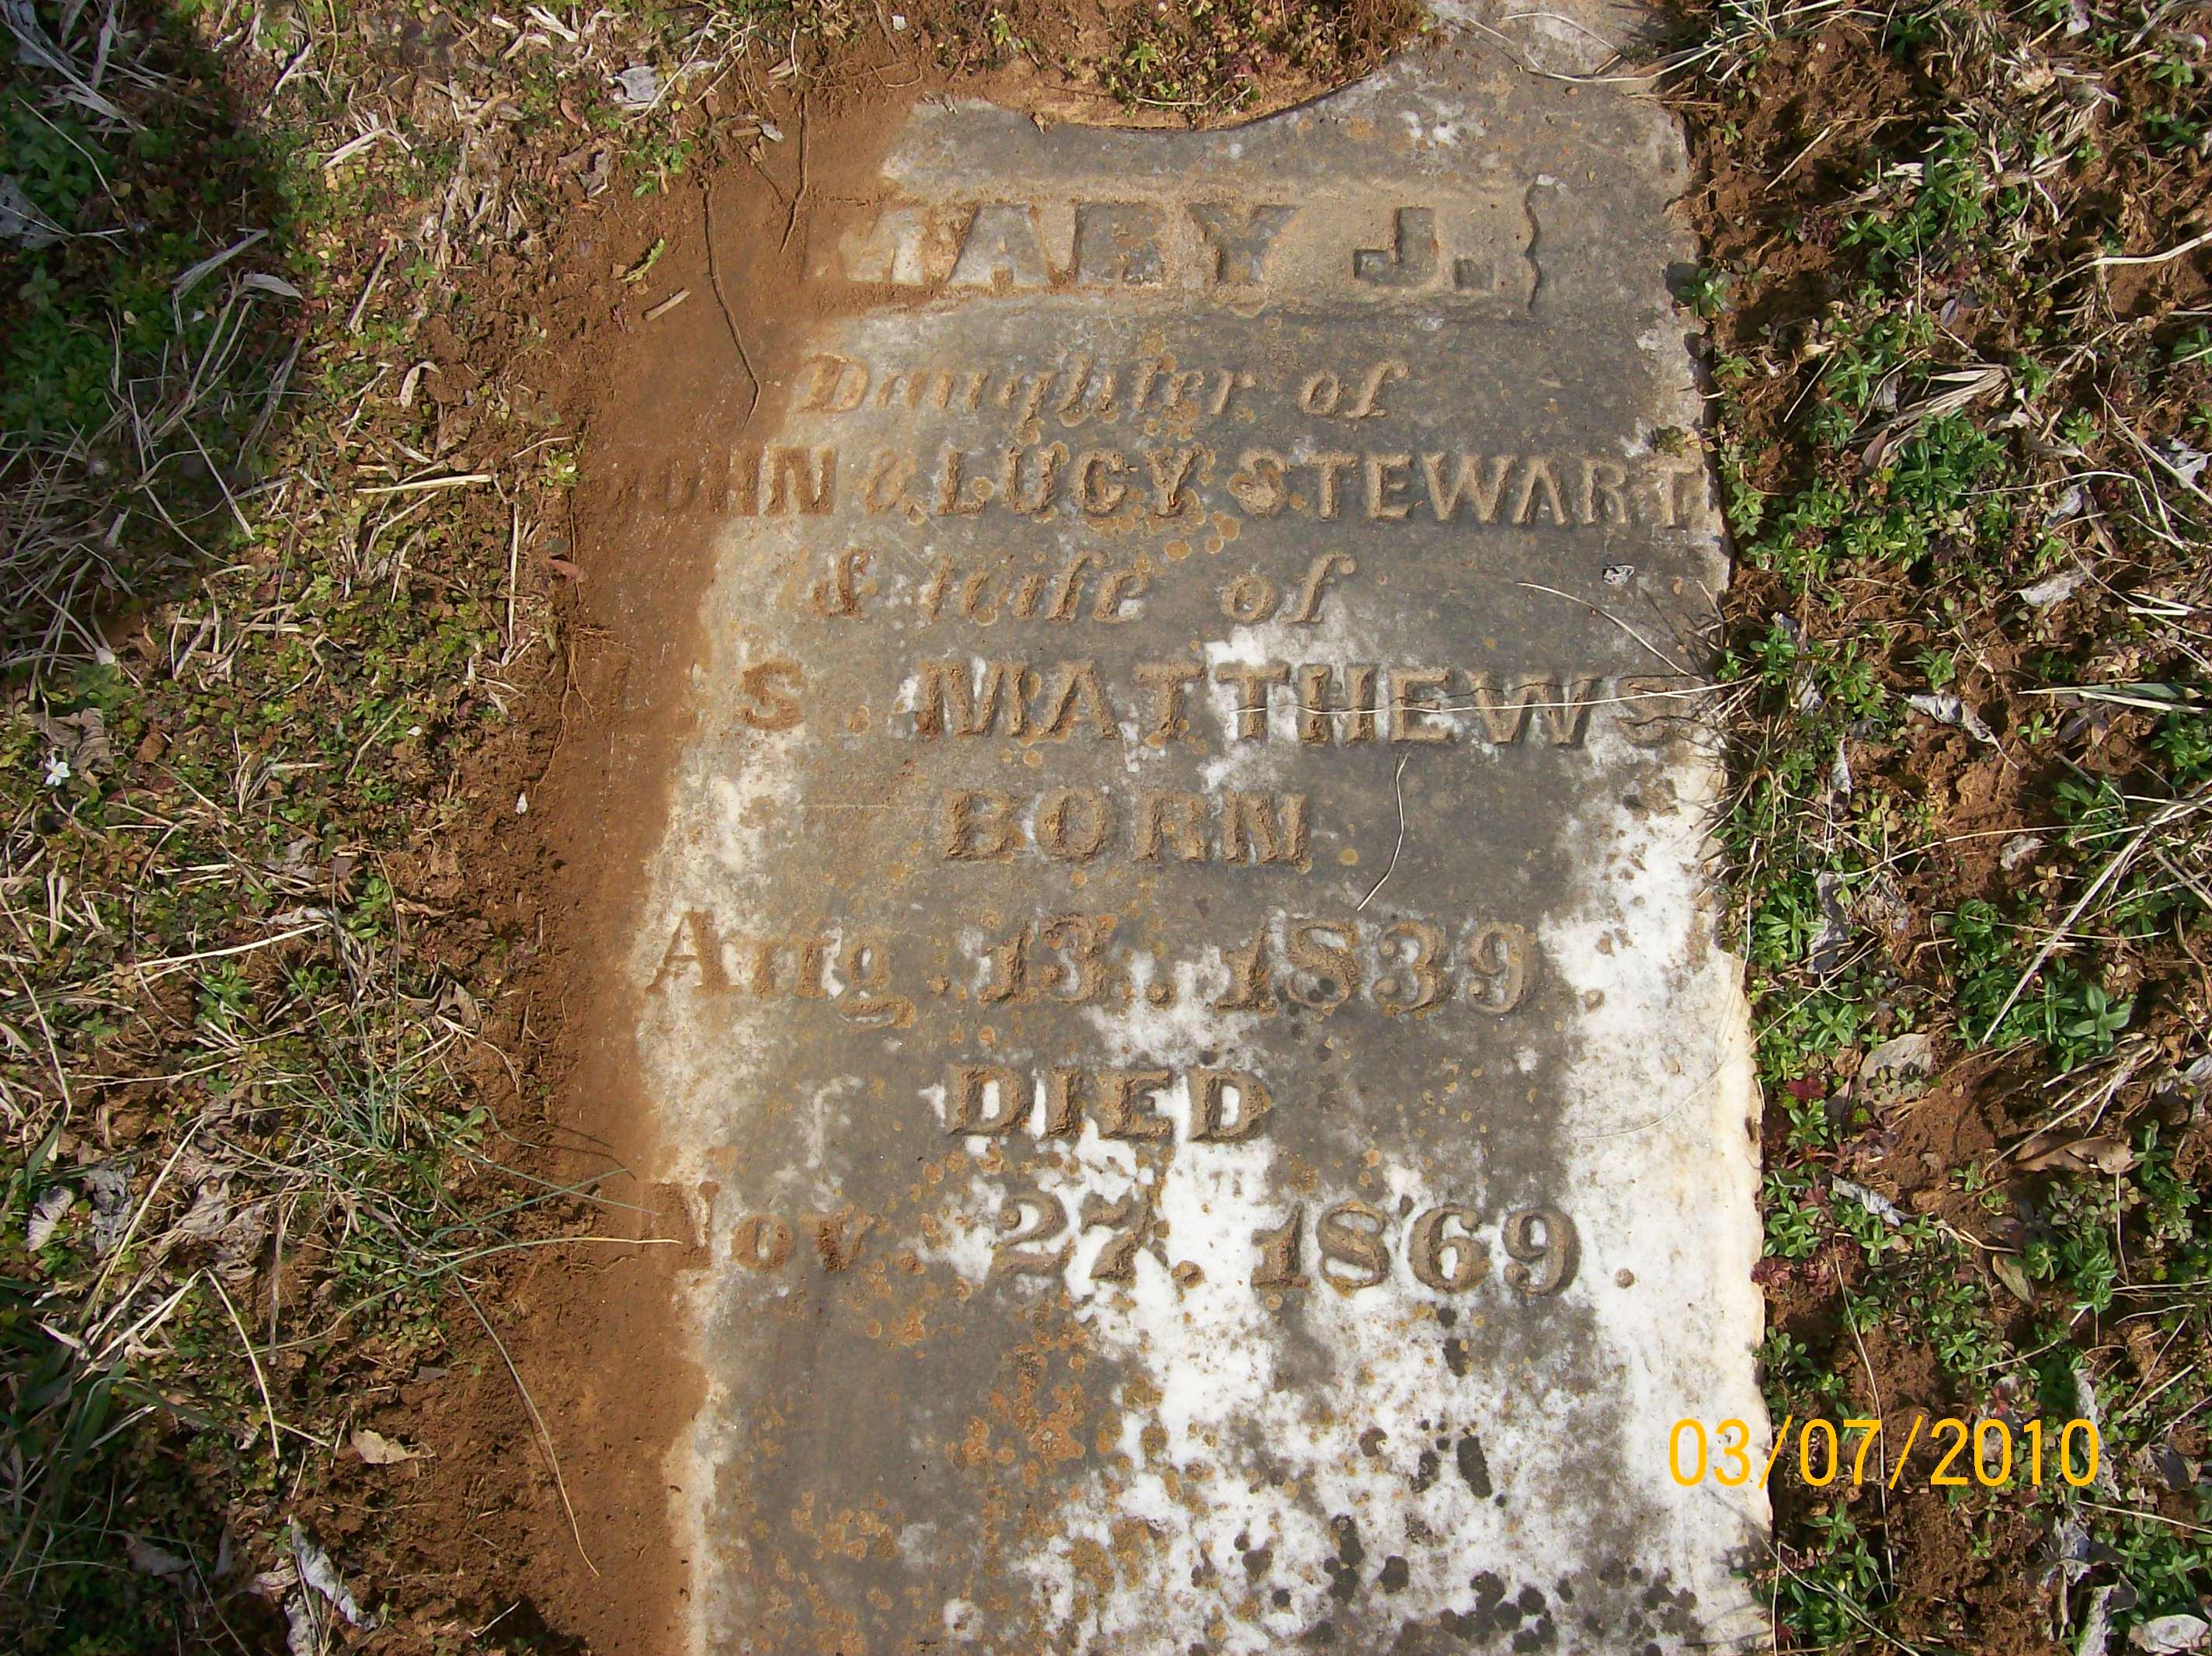 Mary Jane Stewart